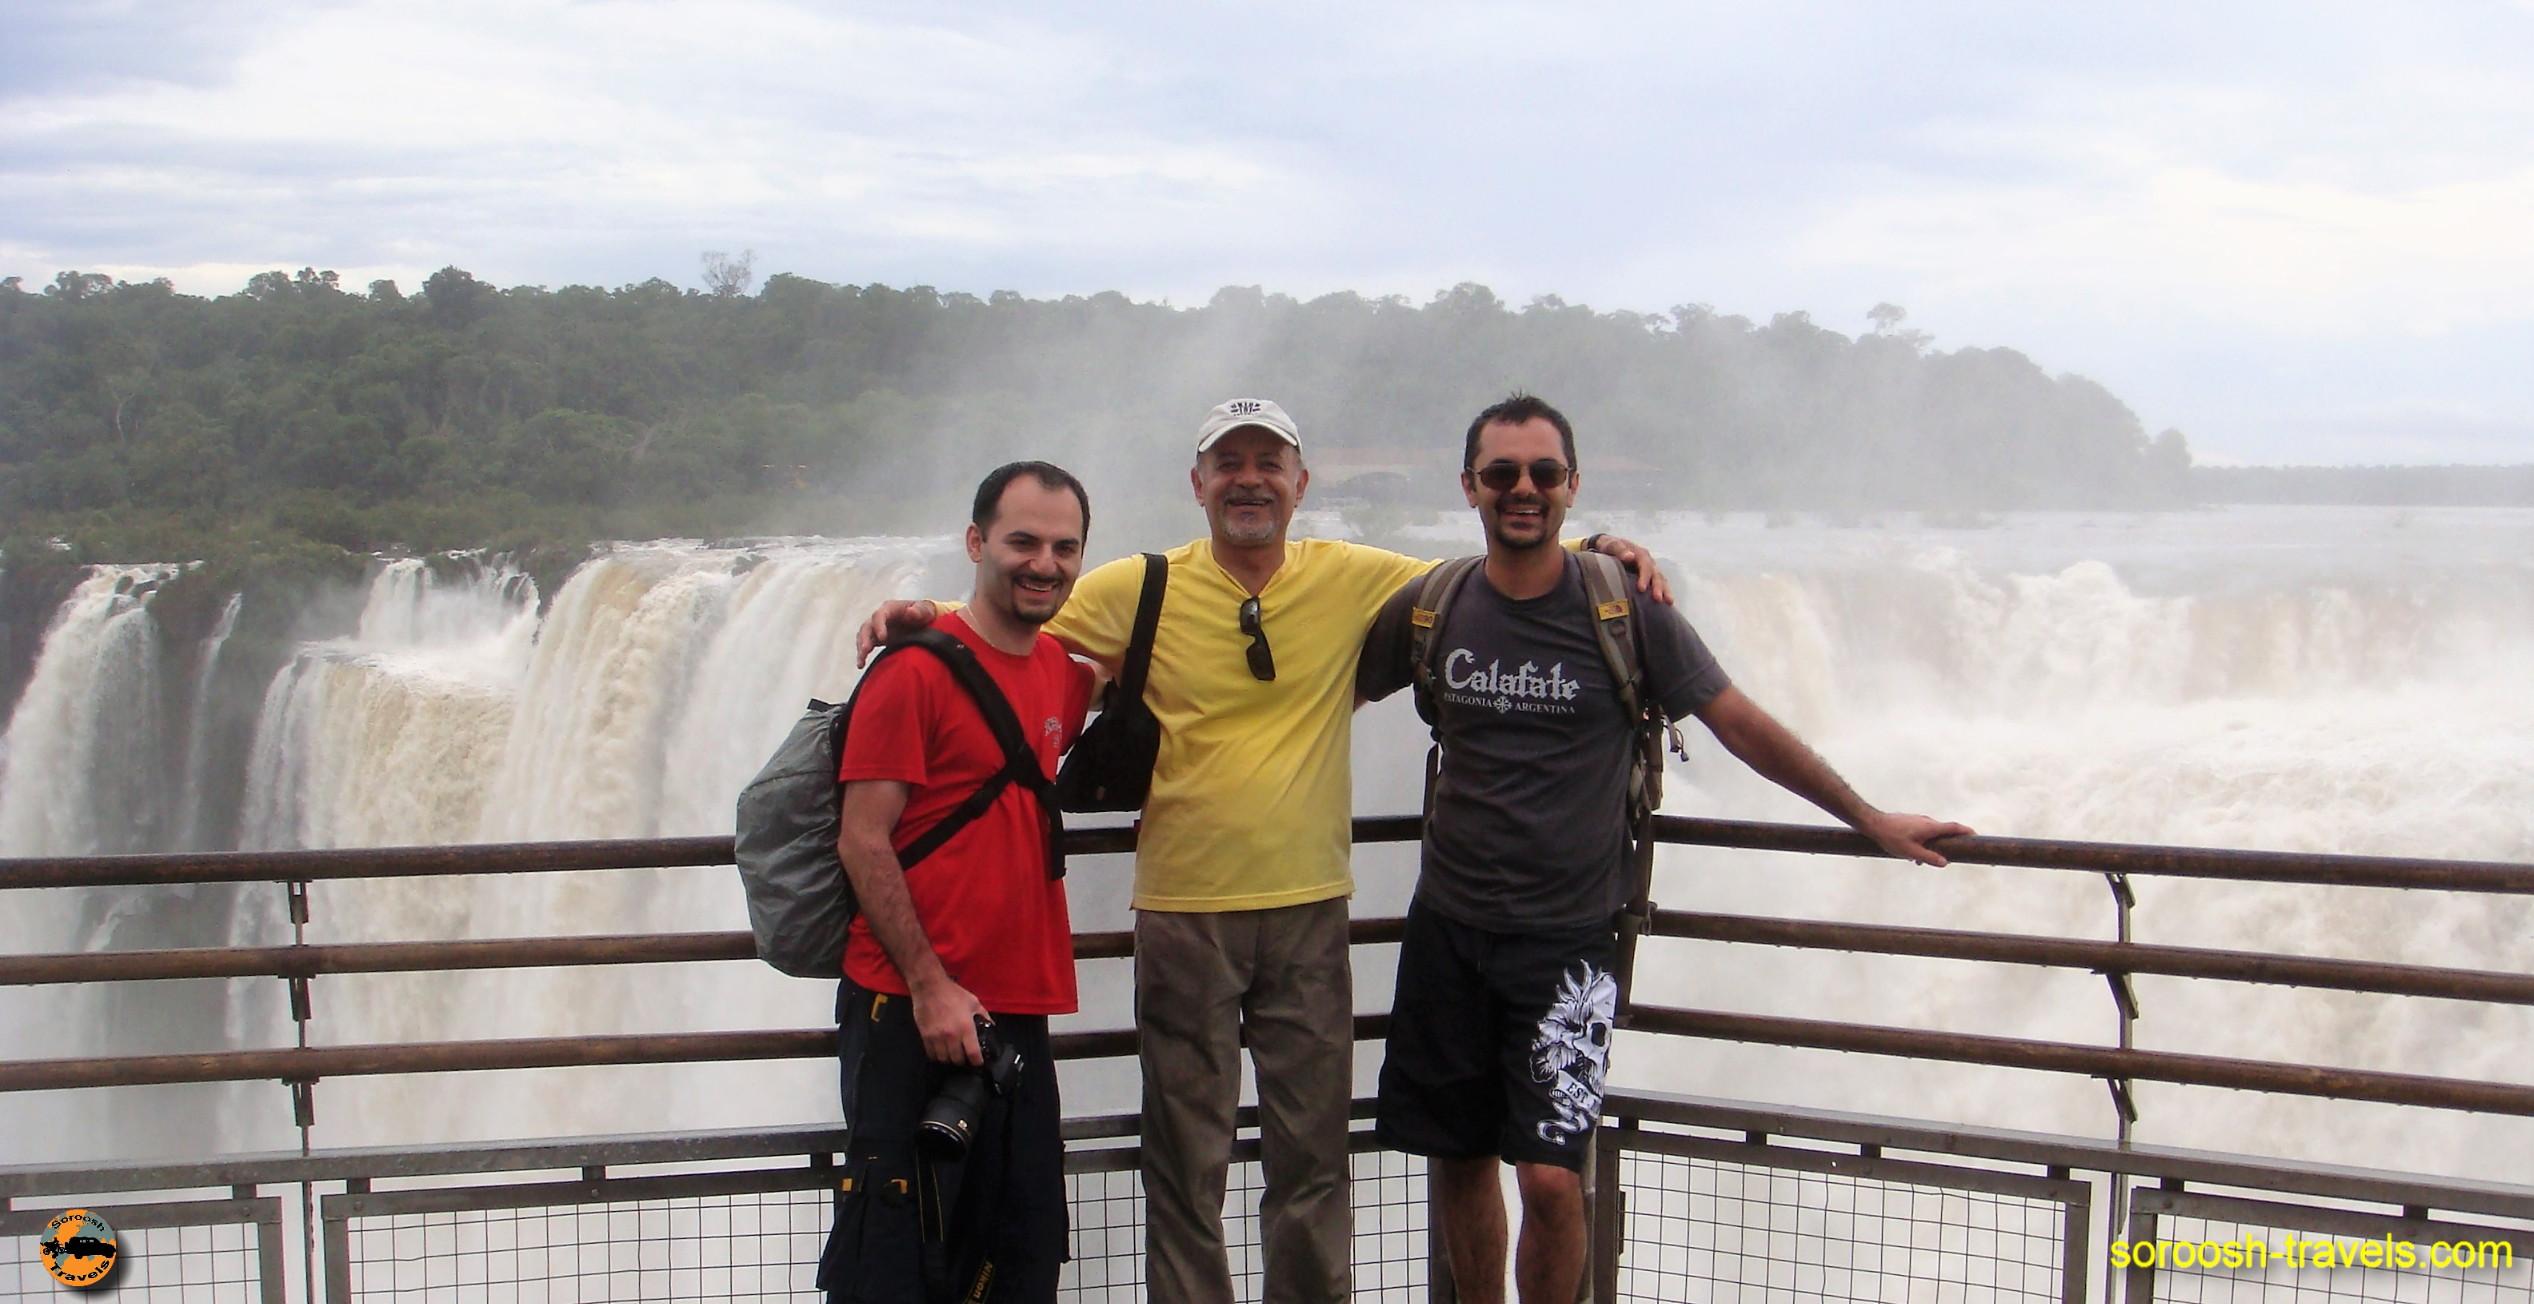 سفر به آرژانتین – آبشارهای فوق العاده زیبای ایگوازو – سوم دیماه ۱۳۸۹